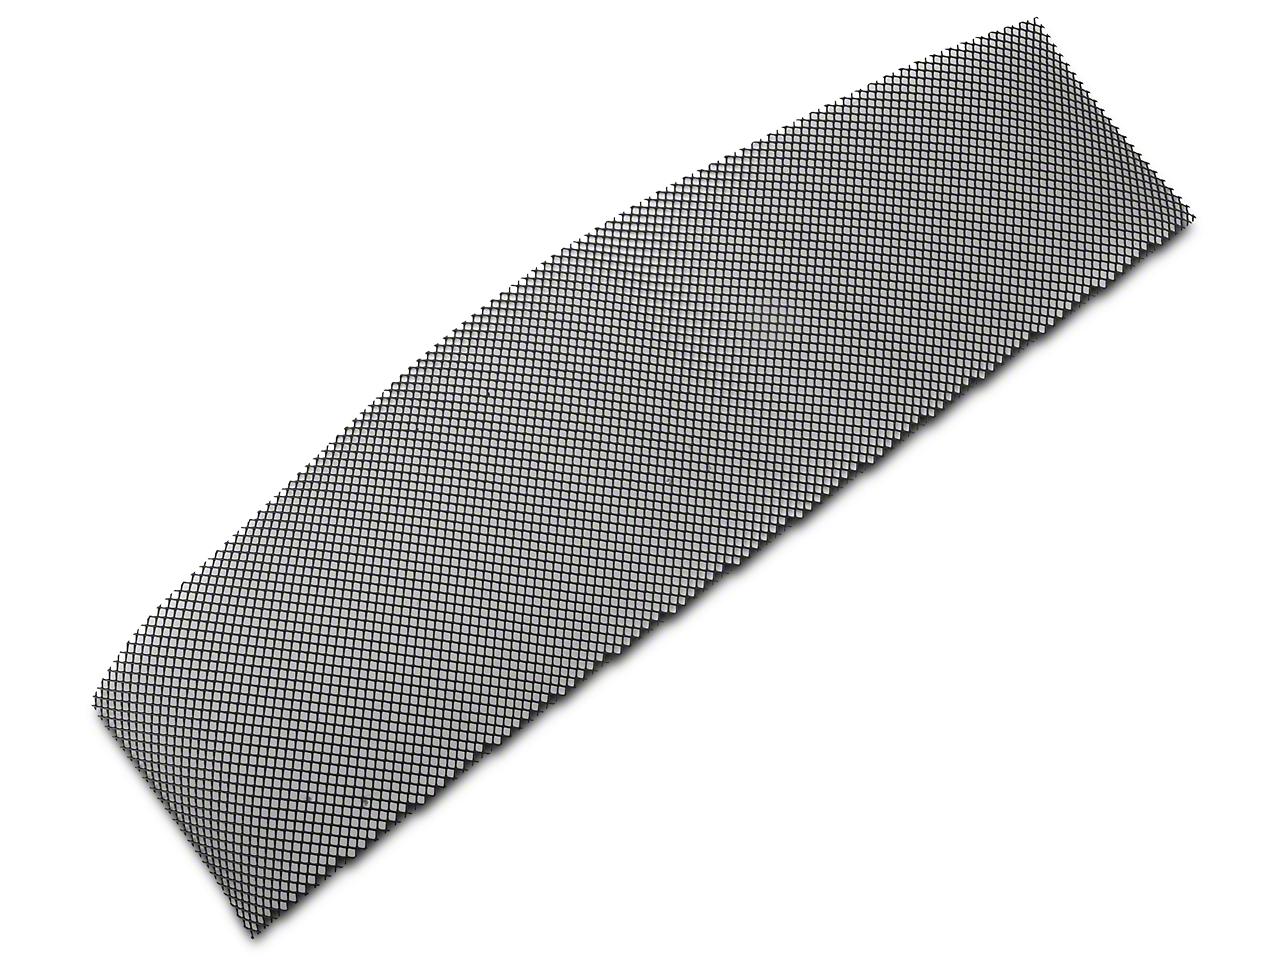 SHR Lower Grille Diamond Mesh Insert (11-12 GT/CS; 12 BOSS)